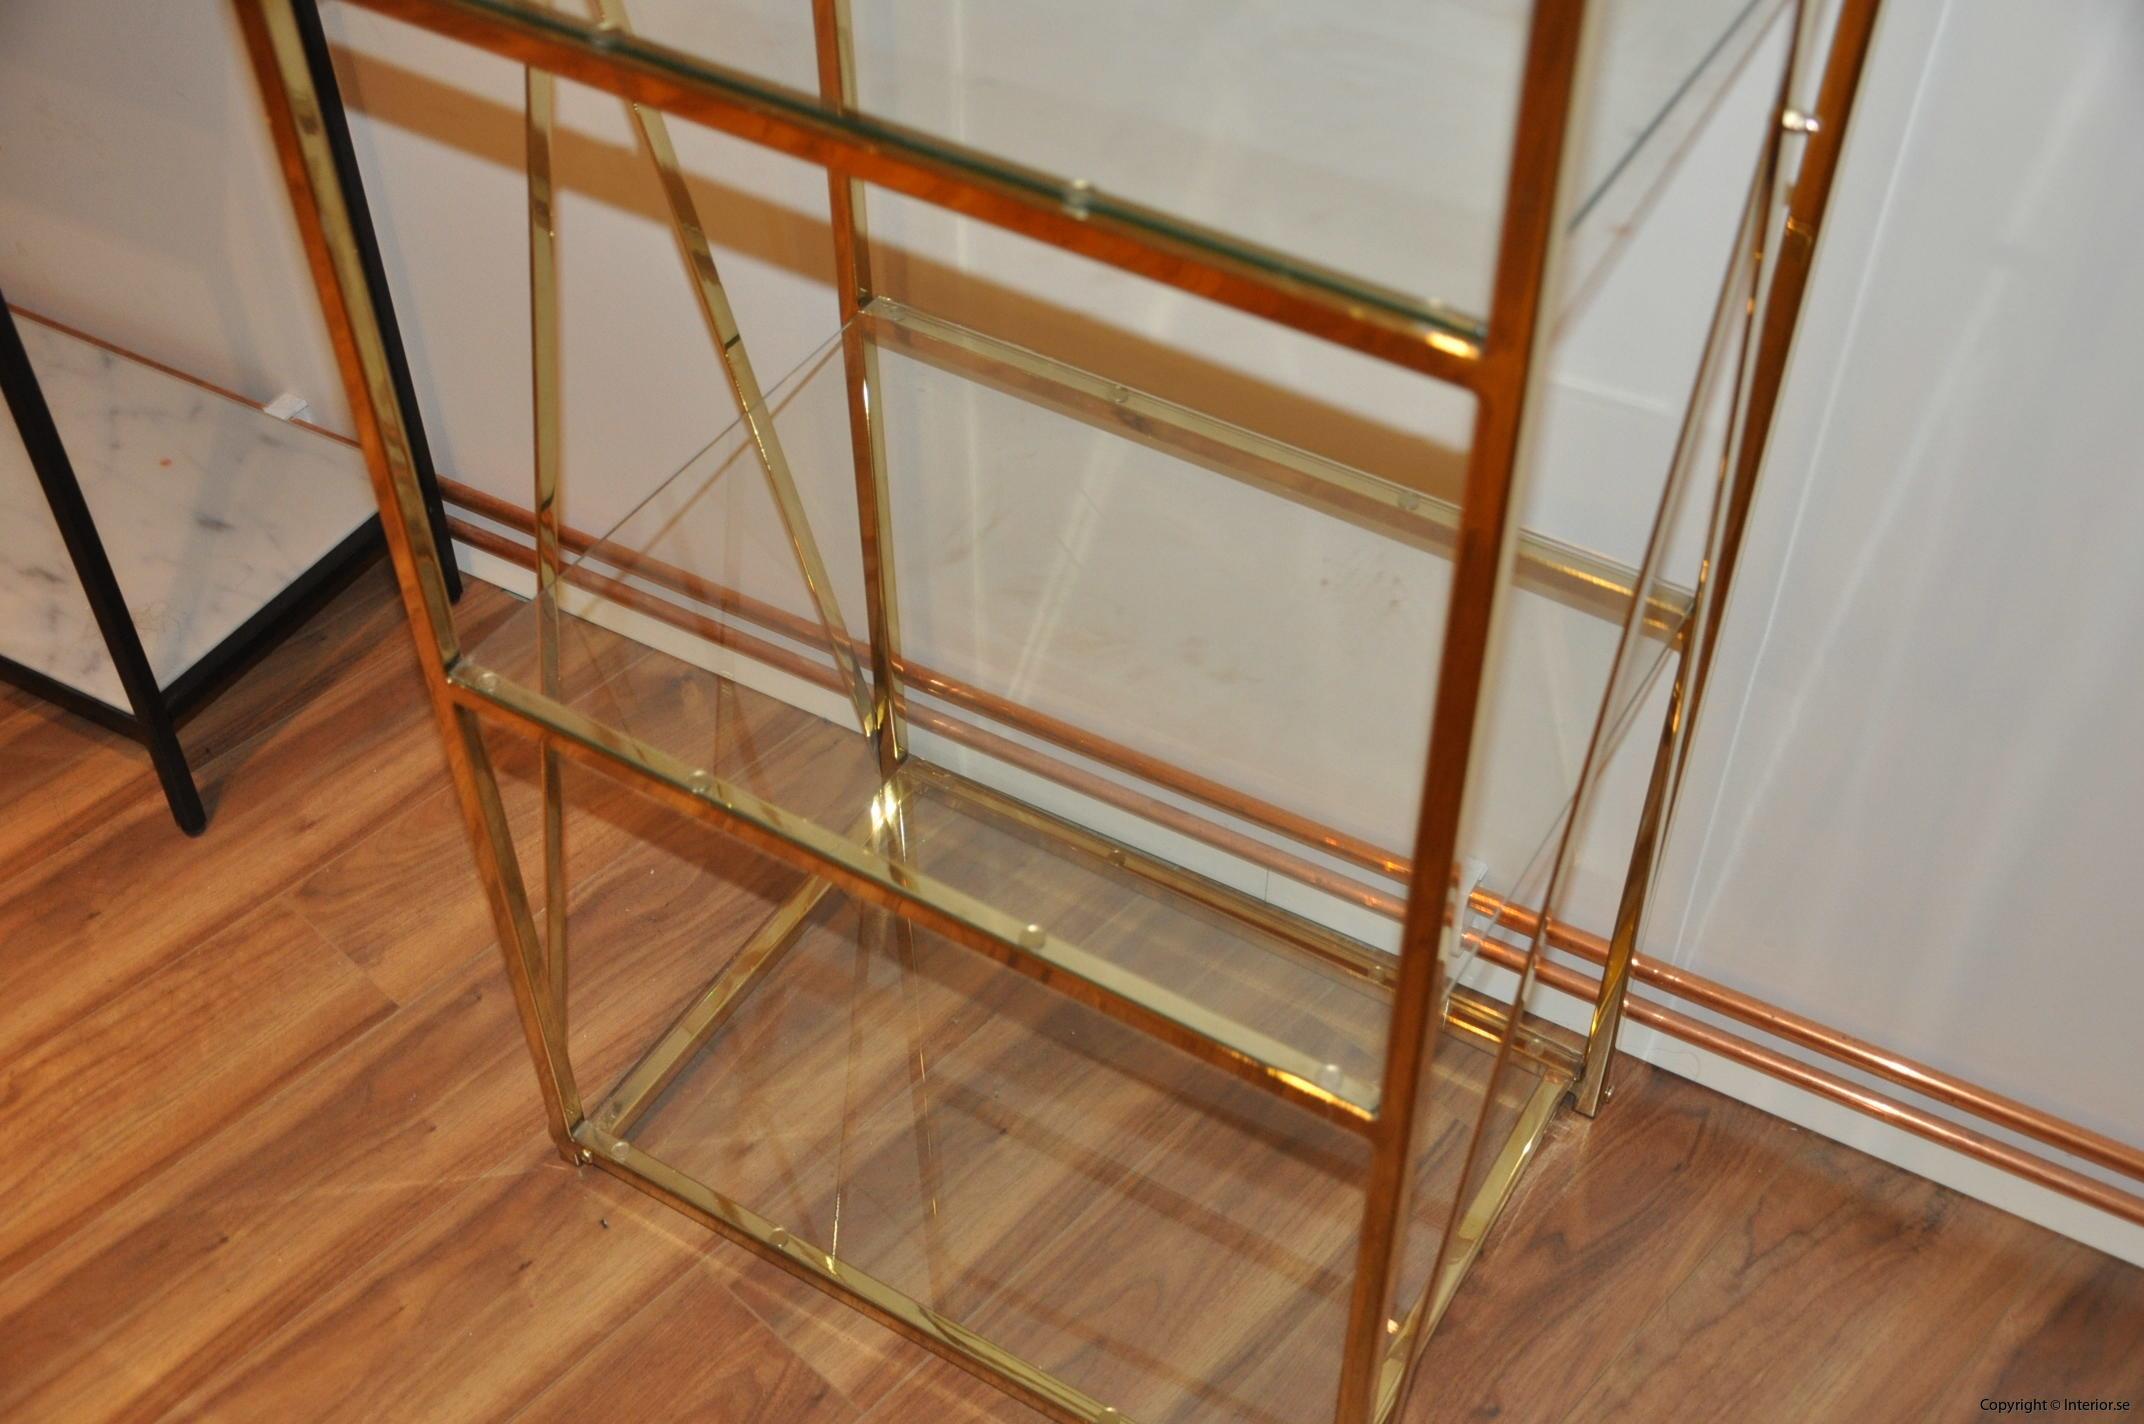 hylla glashylla mässing glas förvaring desingmöbler (6)